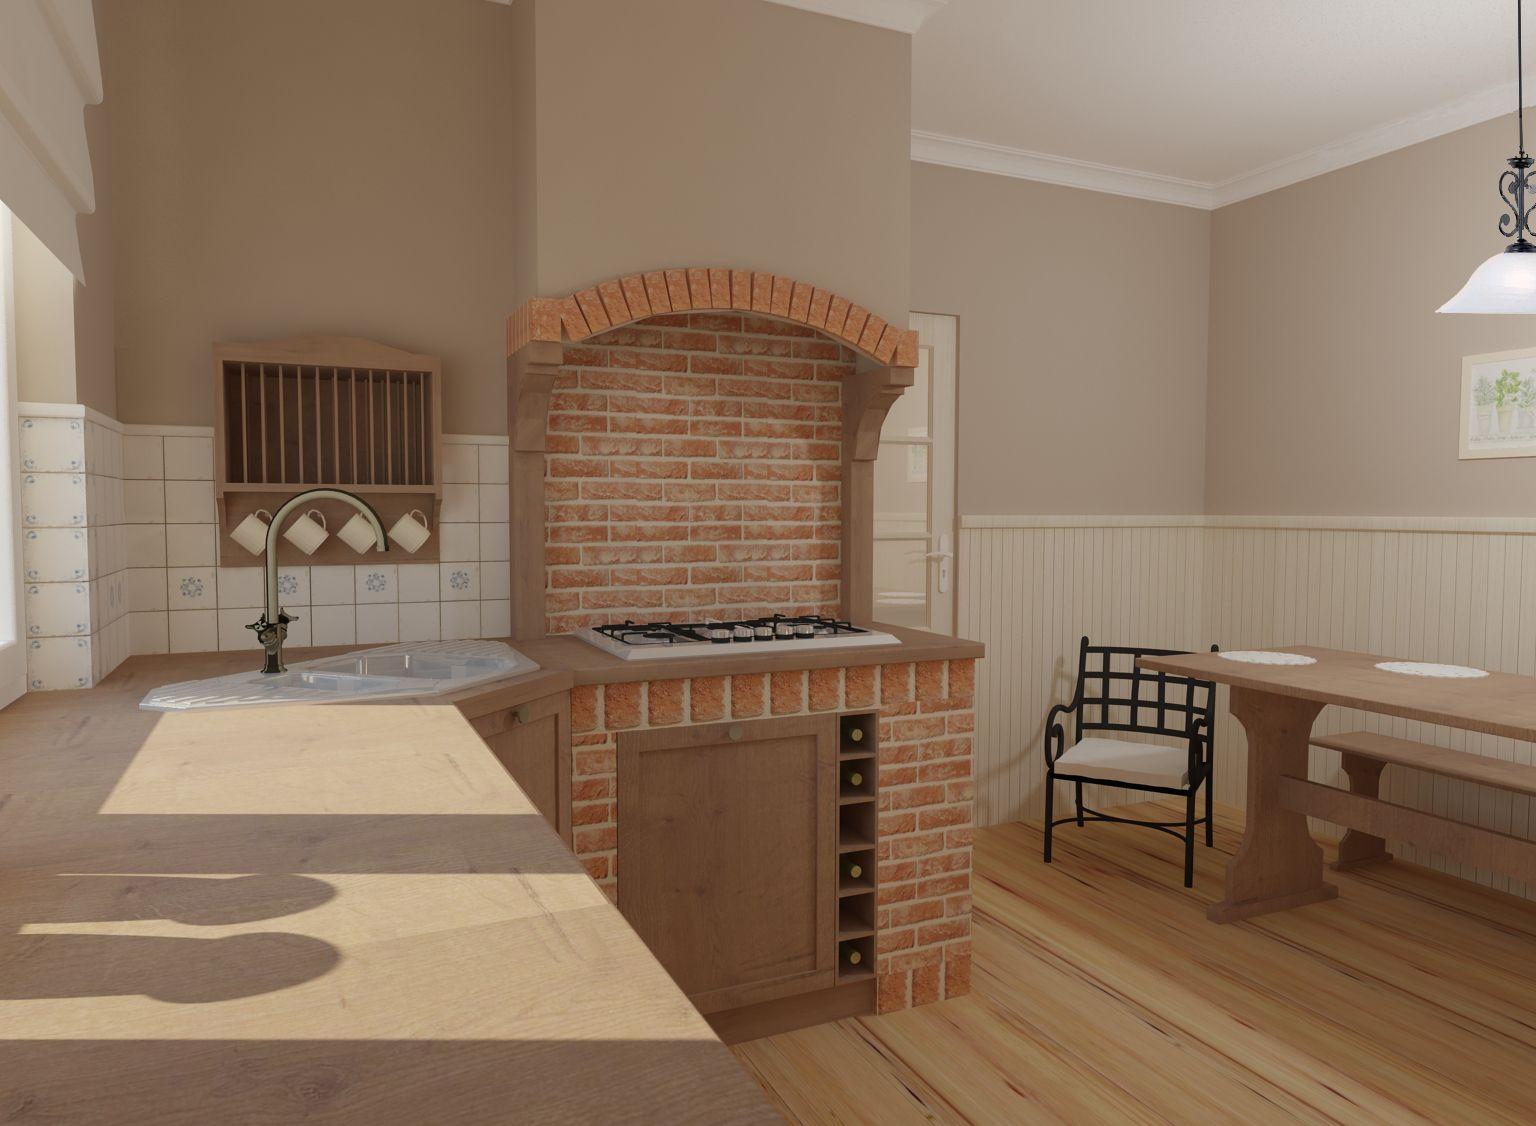 Lamperie Scienne Szukaj W Google Cool Stoves Hoods Fireplaces